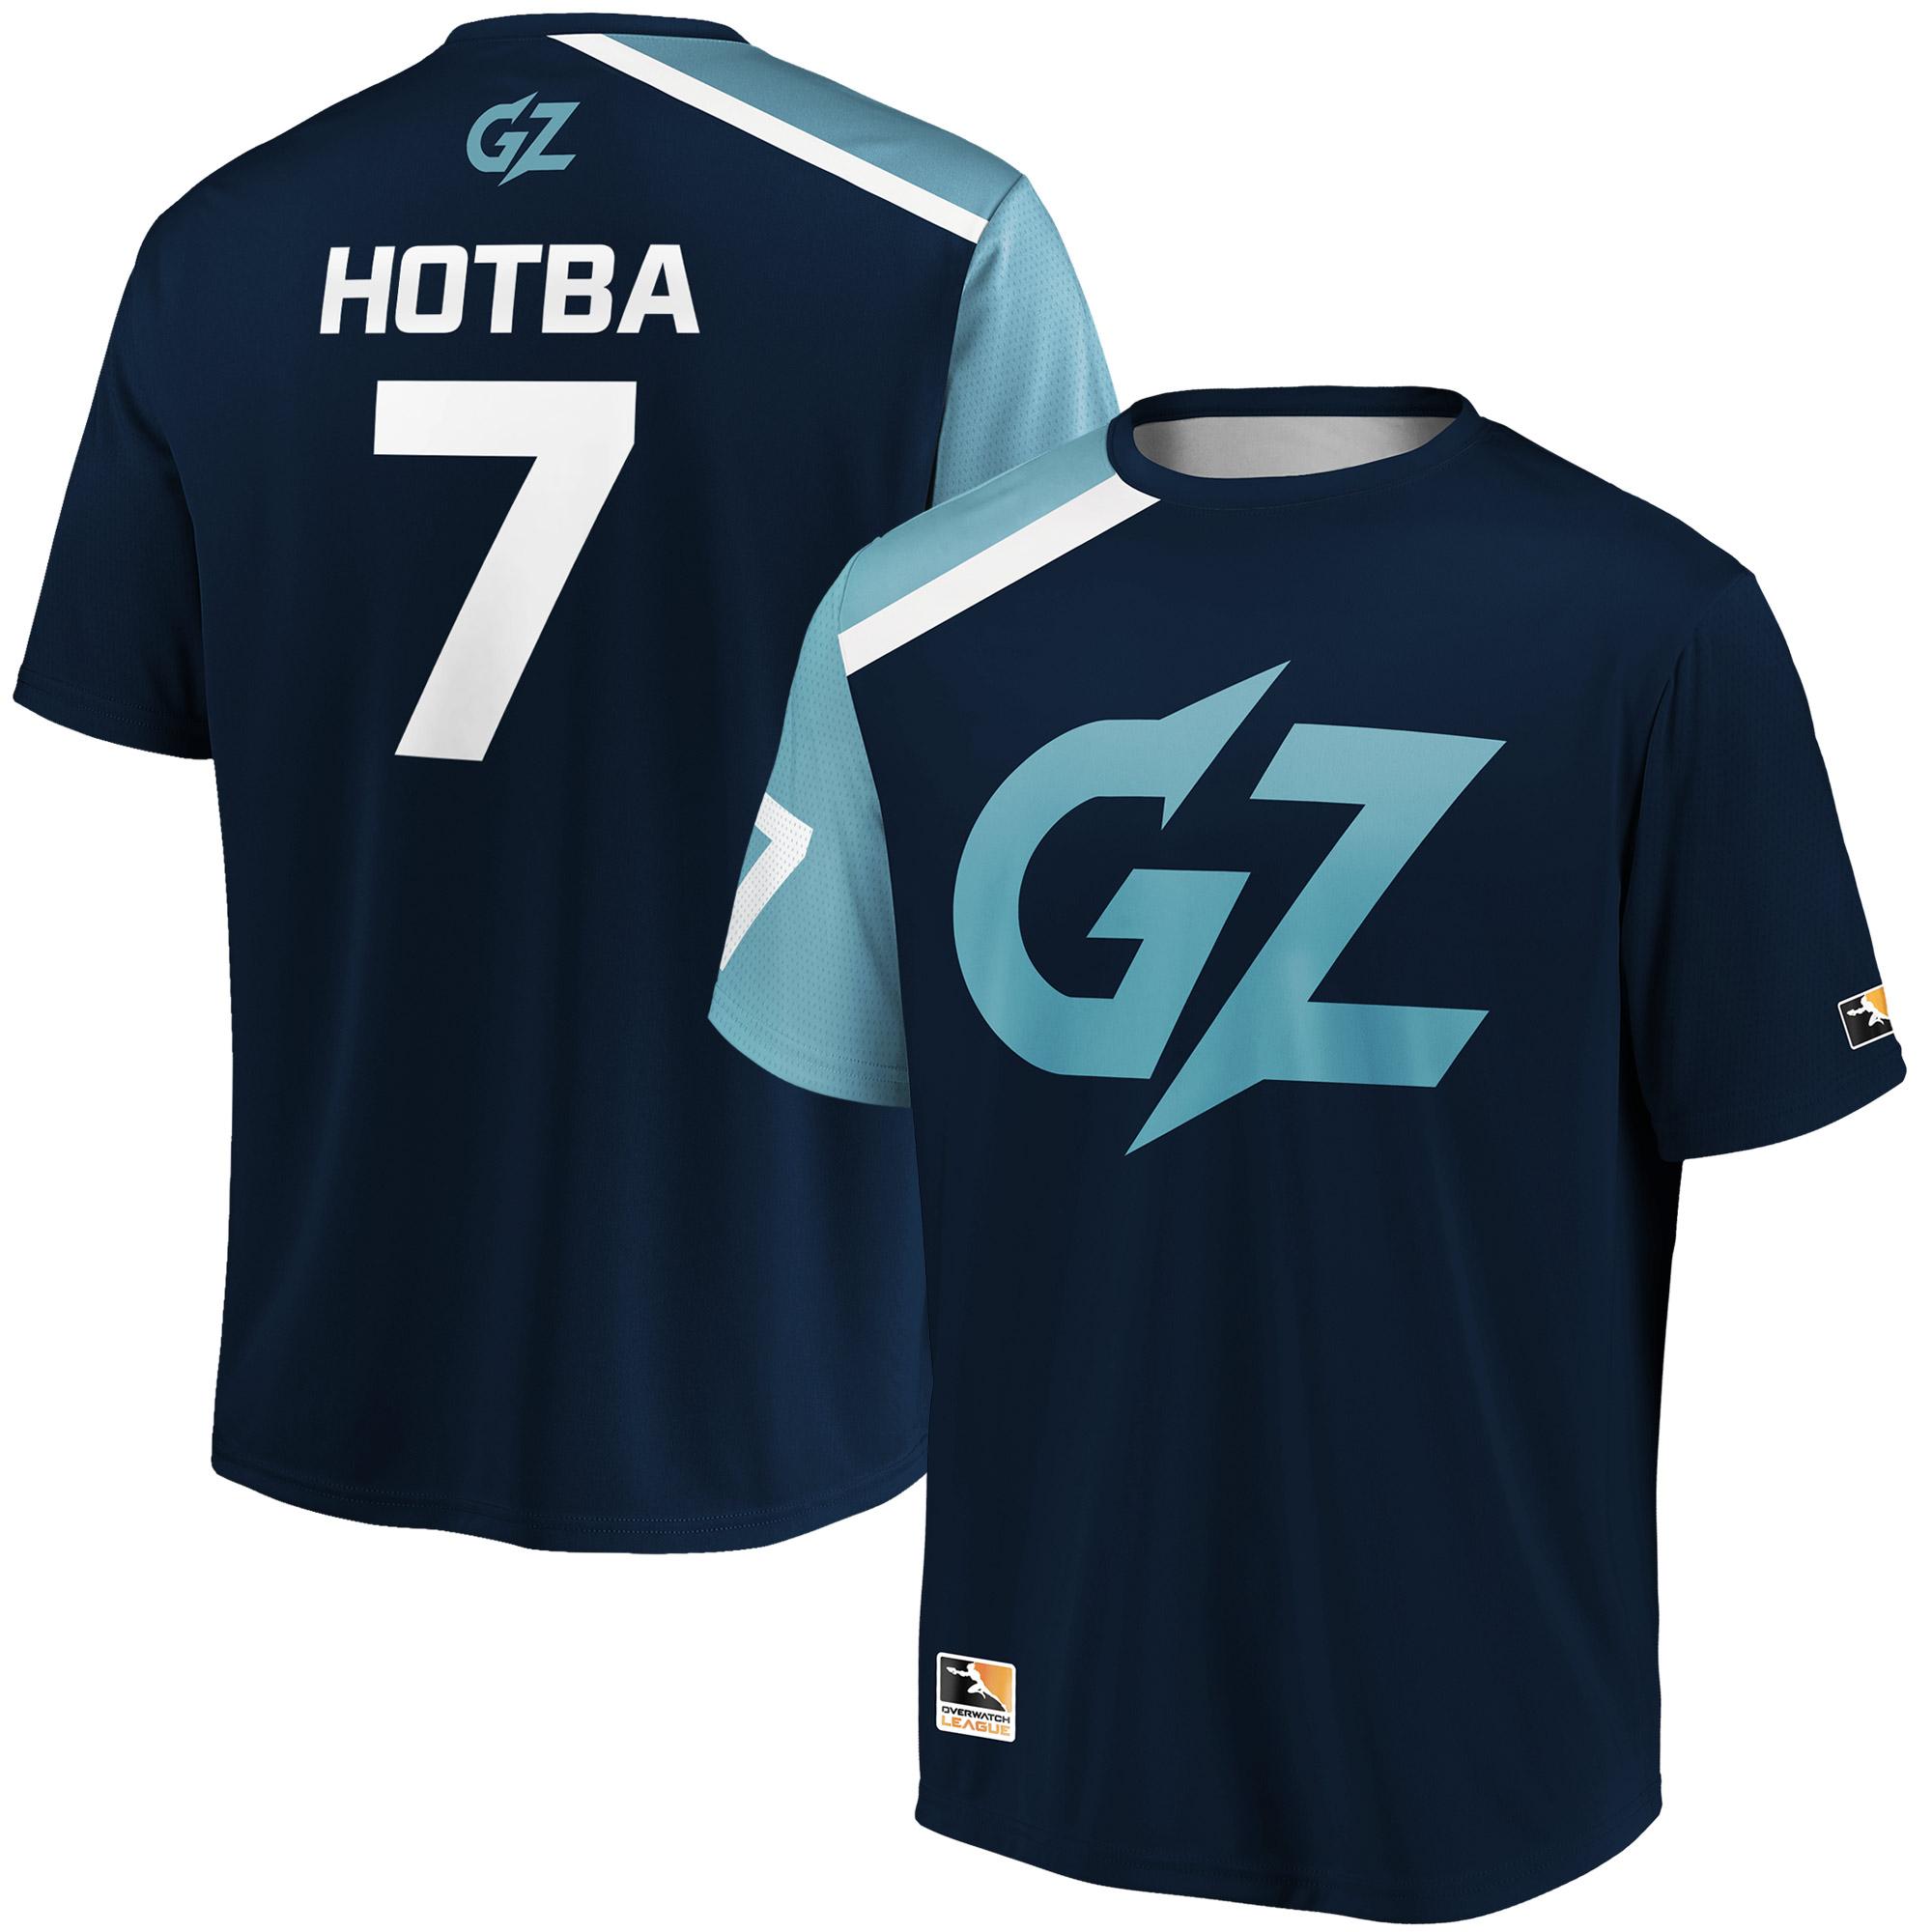 HOTBA Guangzhou Charge Overwatch League Replica Home Jersey - Navy